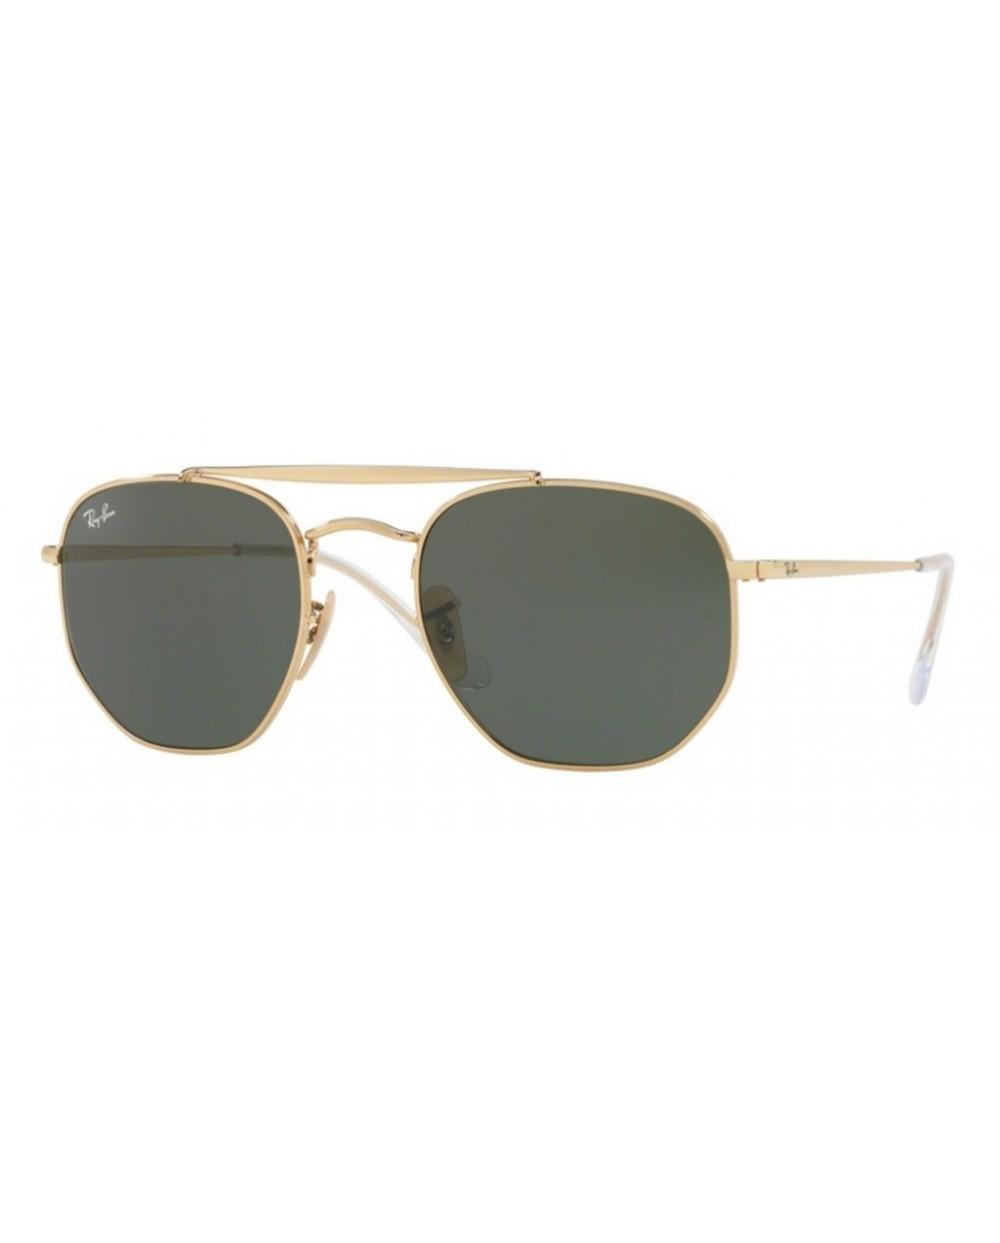 Brille von vista Ray Ban RB 3648 54/ originalverpackung garantie Italien